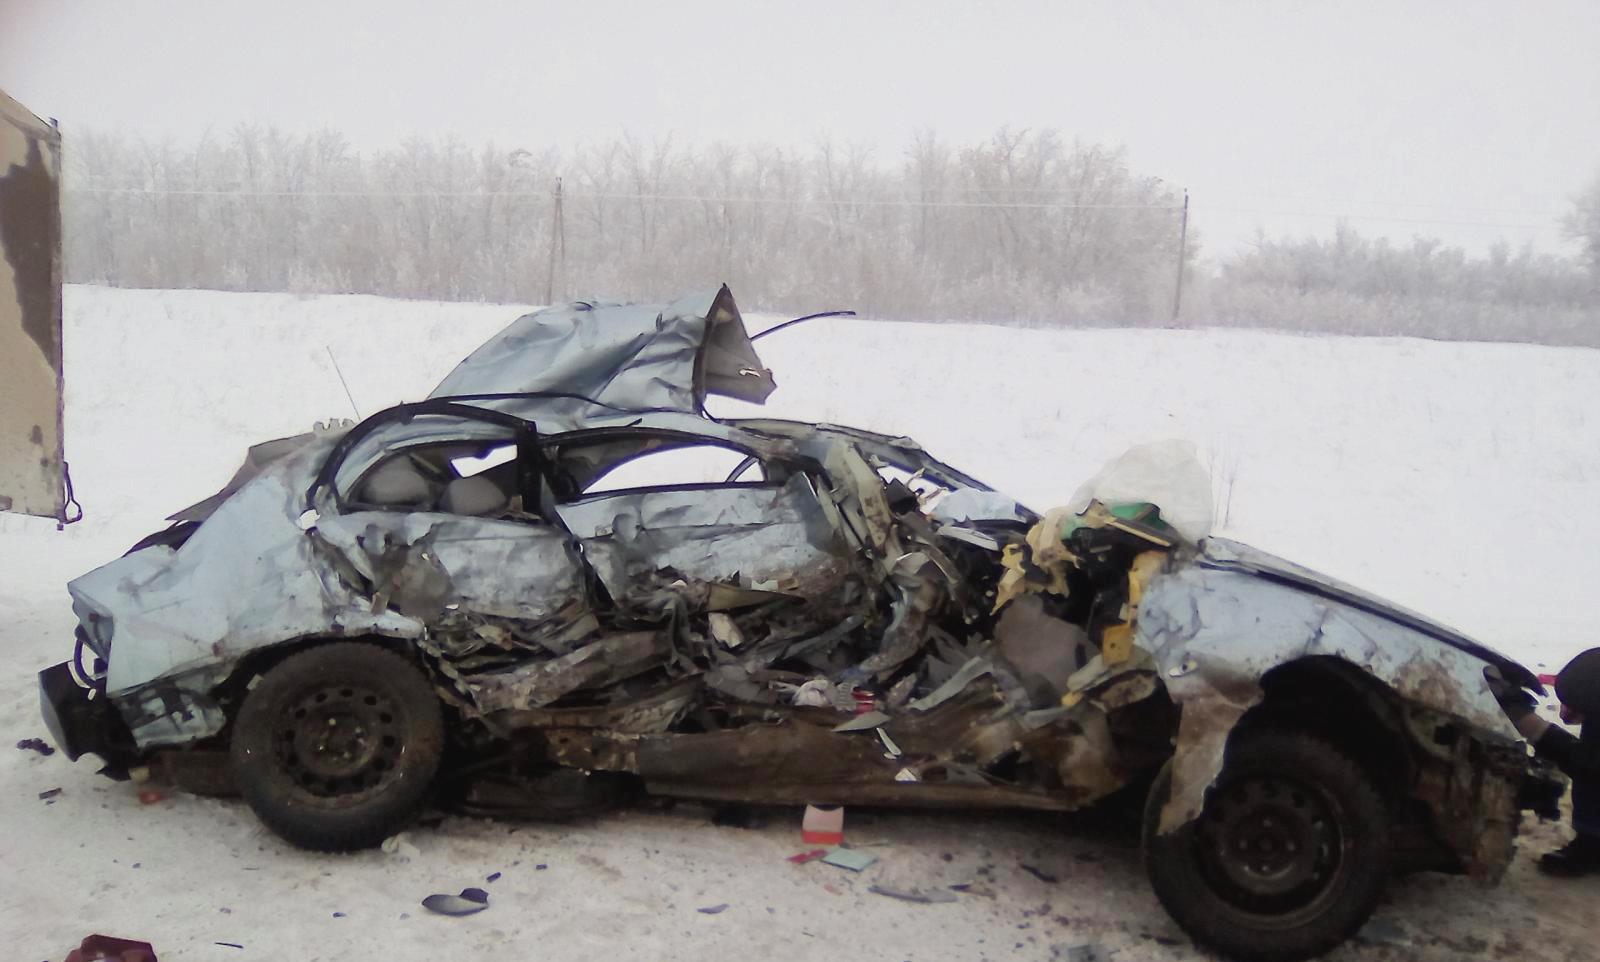 Свидетели чудовищного ДТП: машина «всмятку», погибла молодая девушка